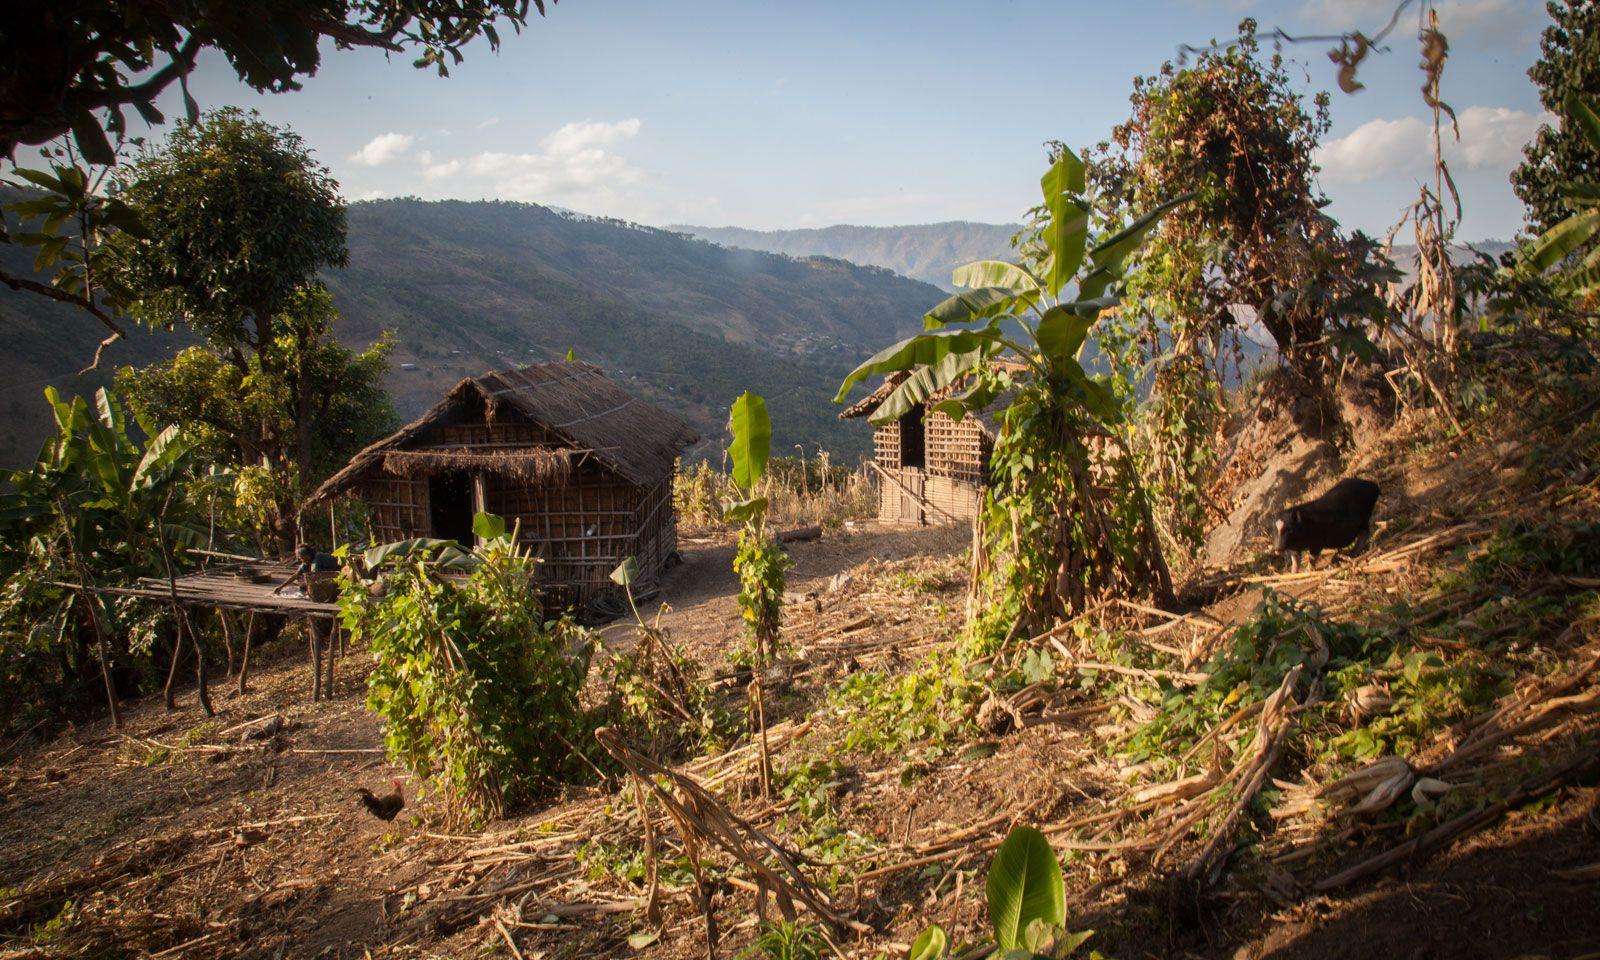 Der Chin-Staat ist eine der ärmsten und isoliertesten Regionen des Landes. Viele Gebiete bleiben weitgehend unzugänglich.